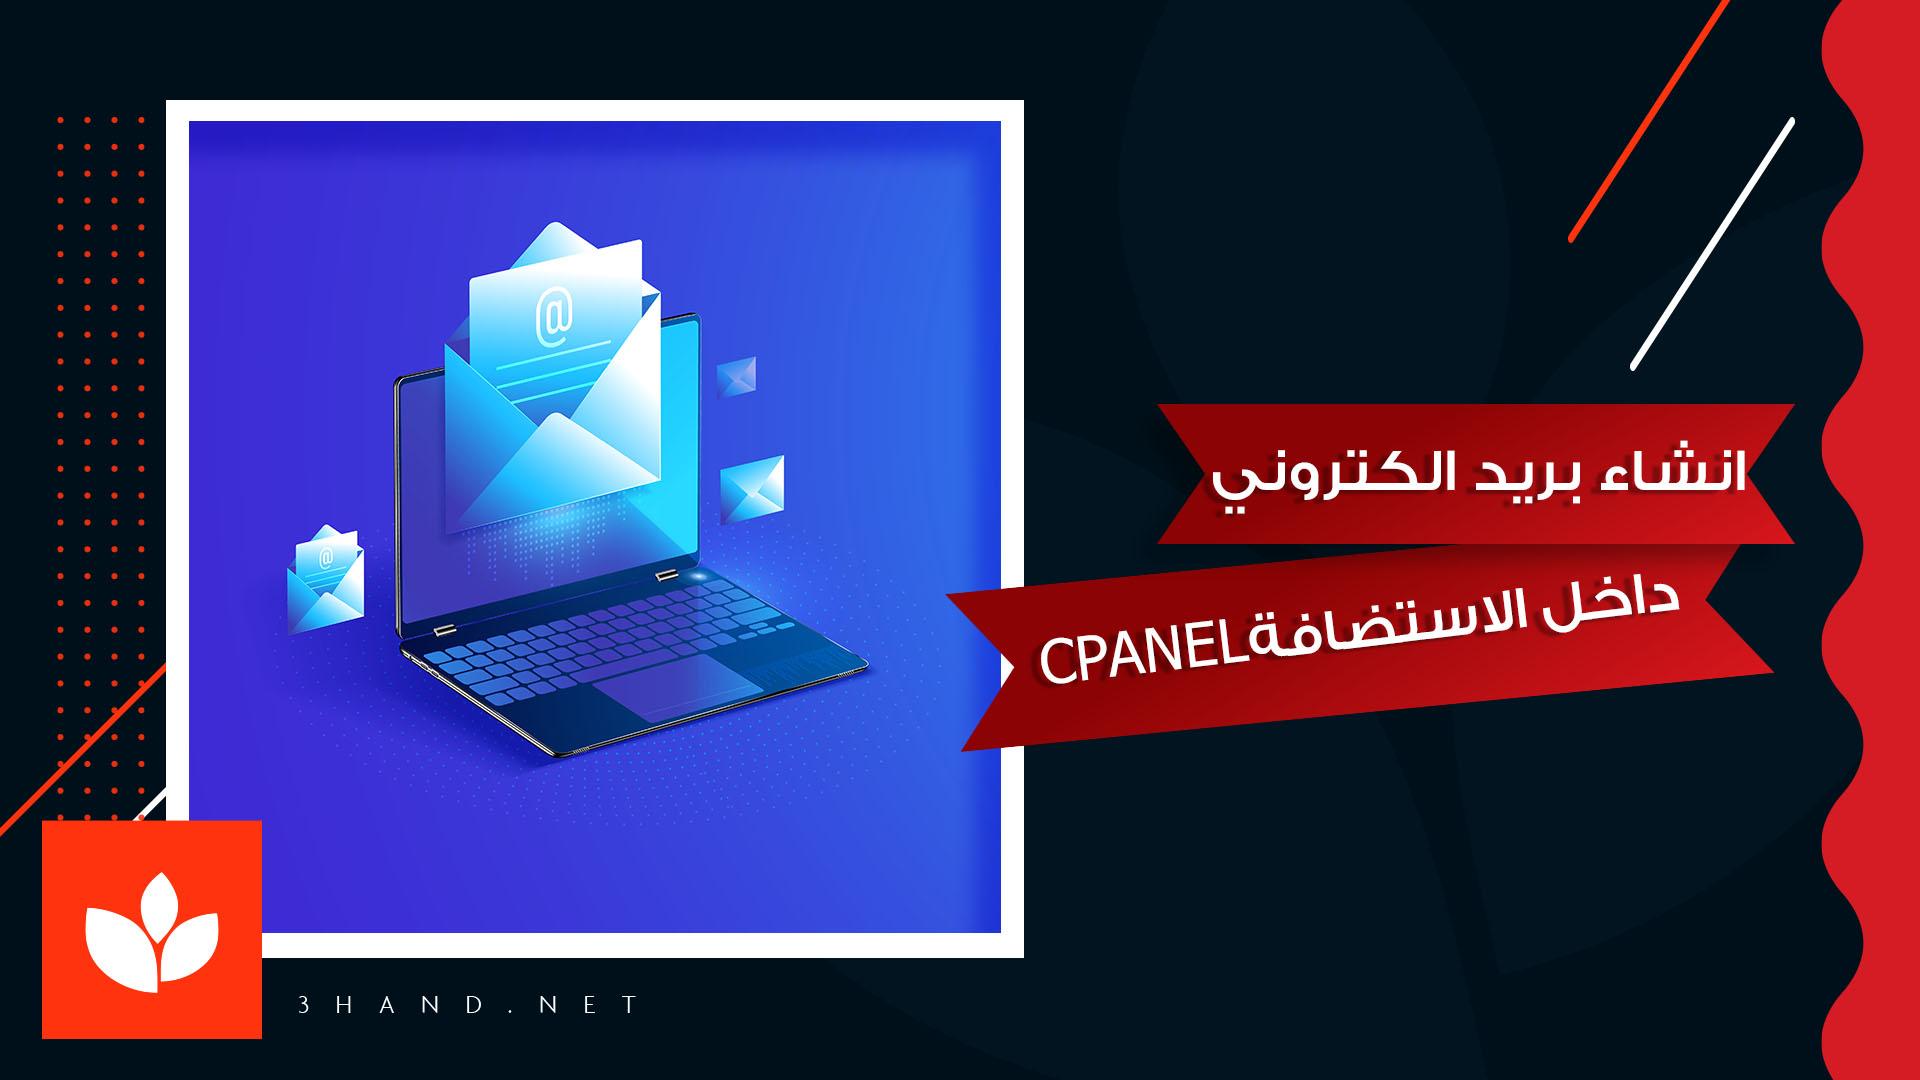 انشاء بريد الكتروني داخل الاستضافة